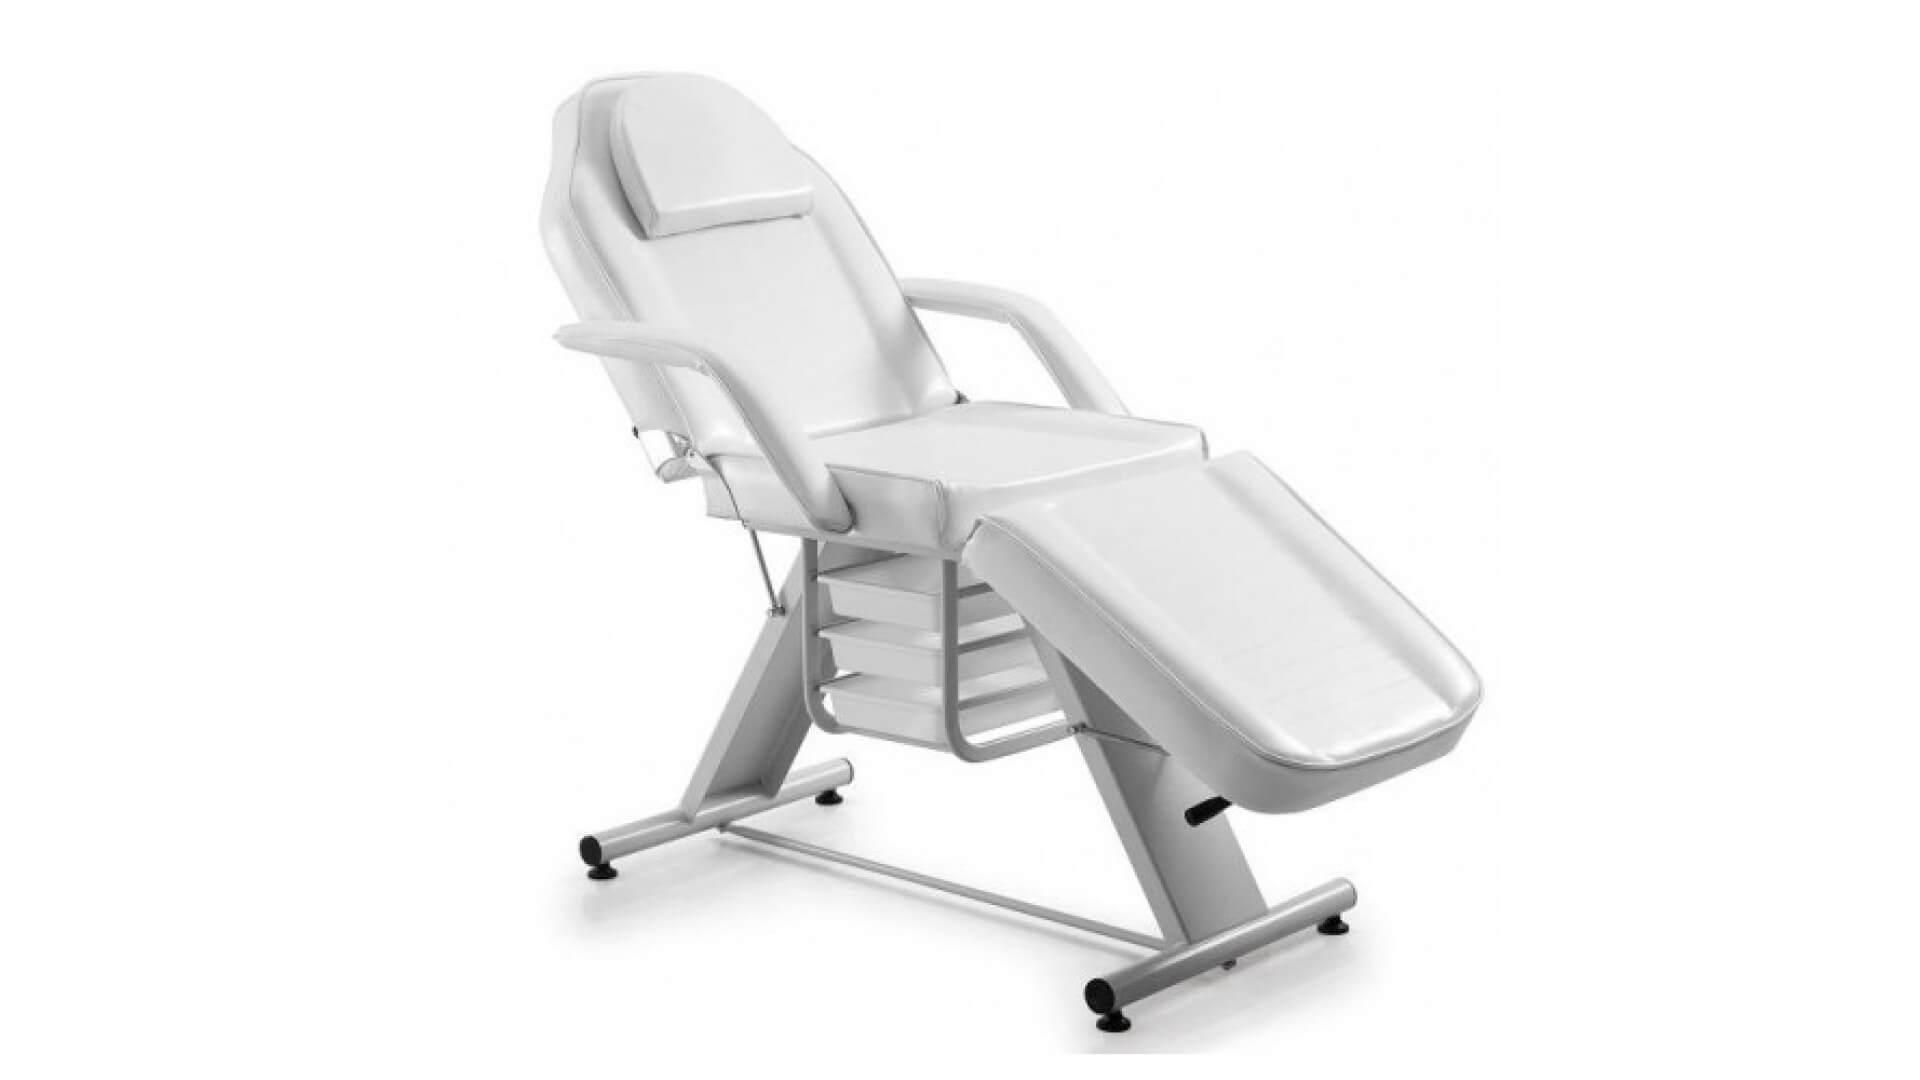 Косметологическое кресло рейтинг обзор